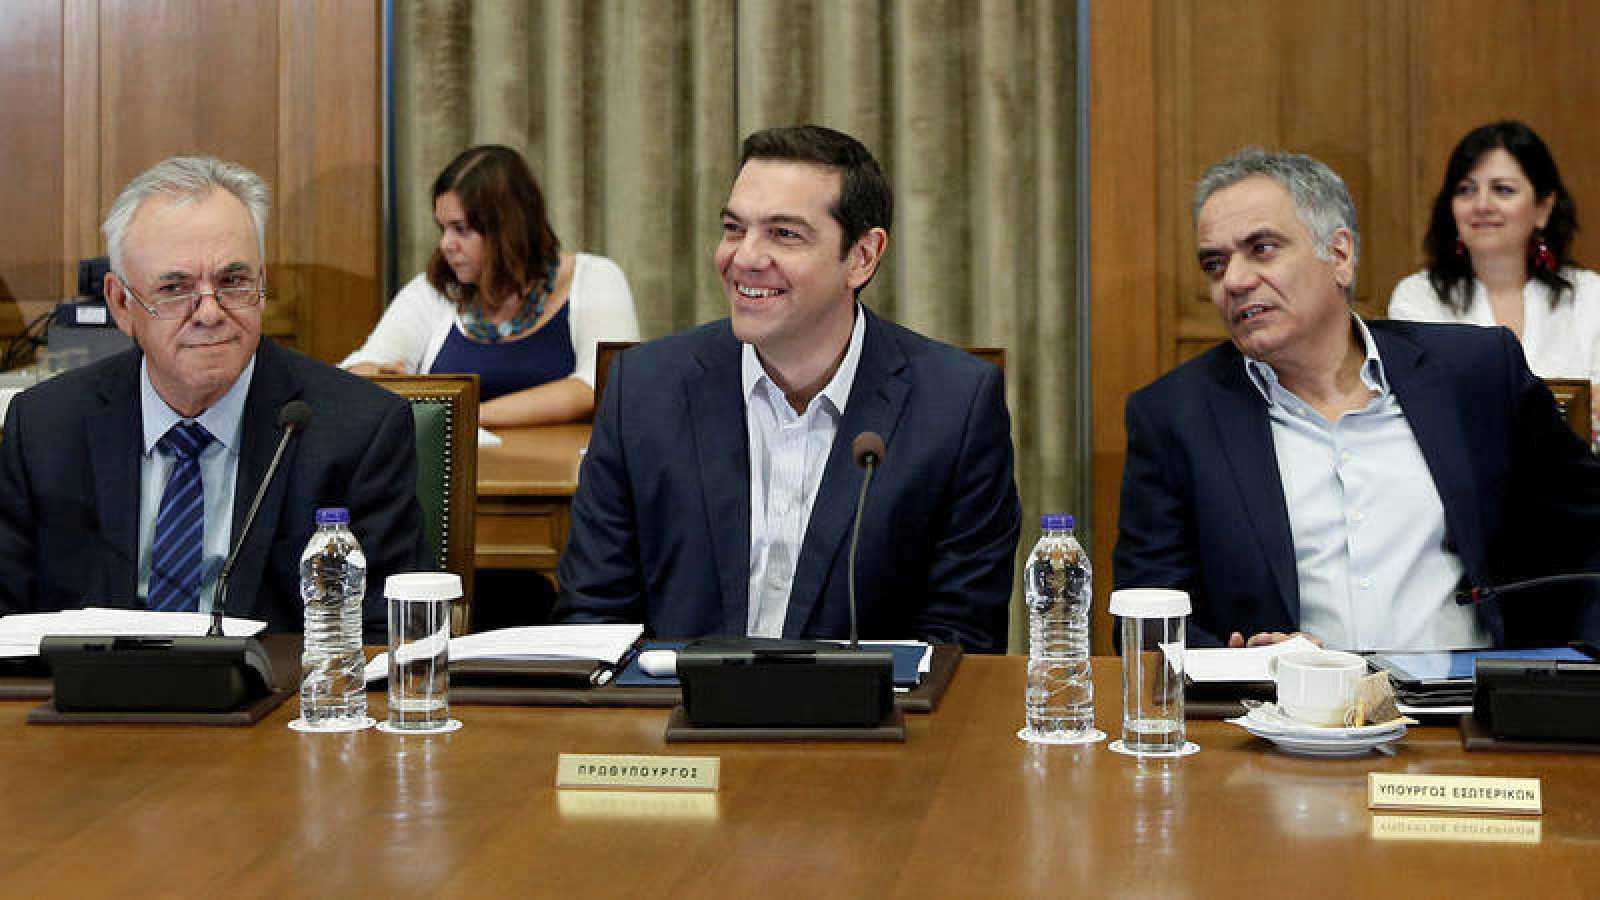 El primer ministro griego, Alexis Tsipras, en una reunión de su gabinete